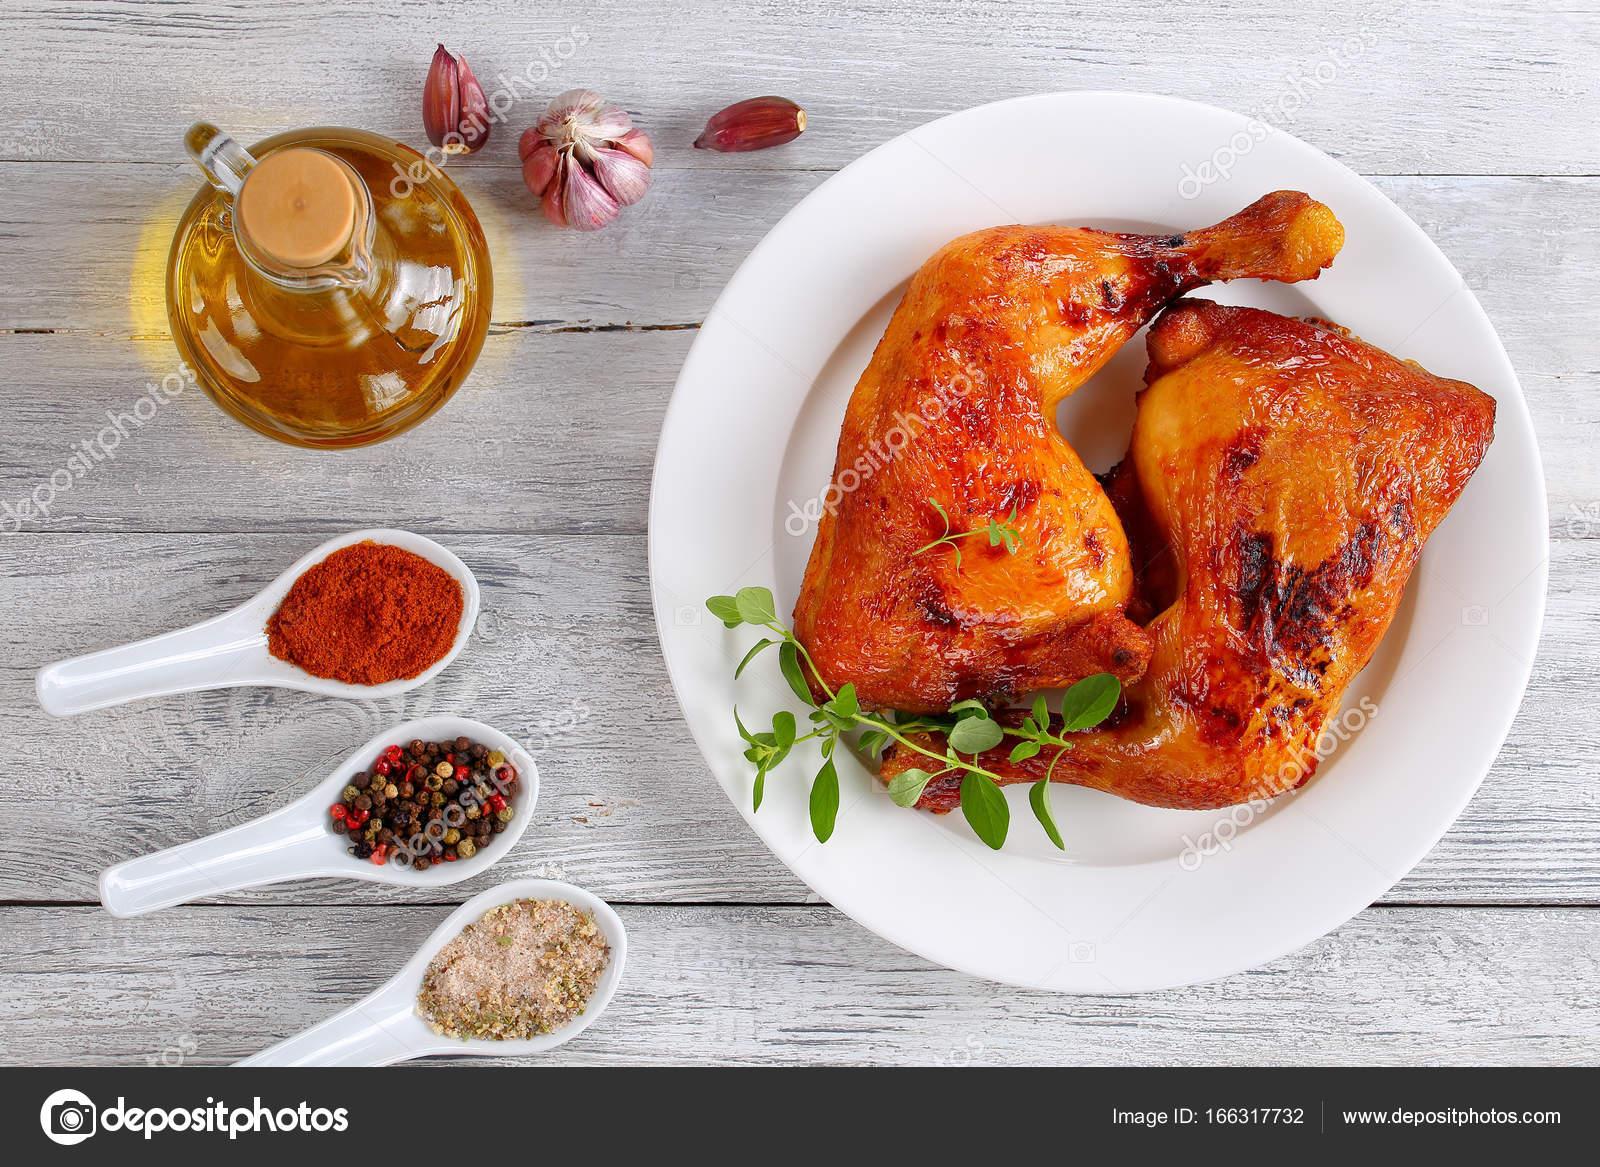 cuartos de pierna de pollo con piel crujiente — Fotos de Stock ...